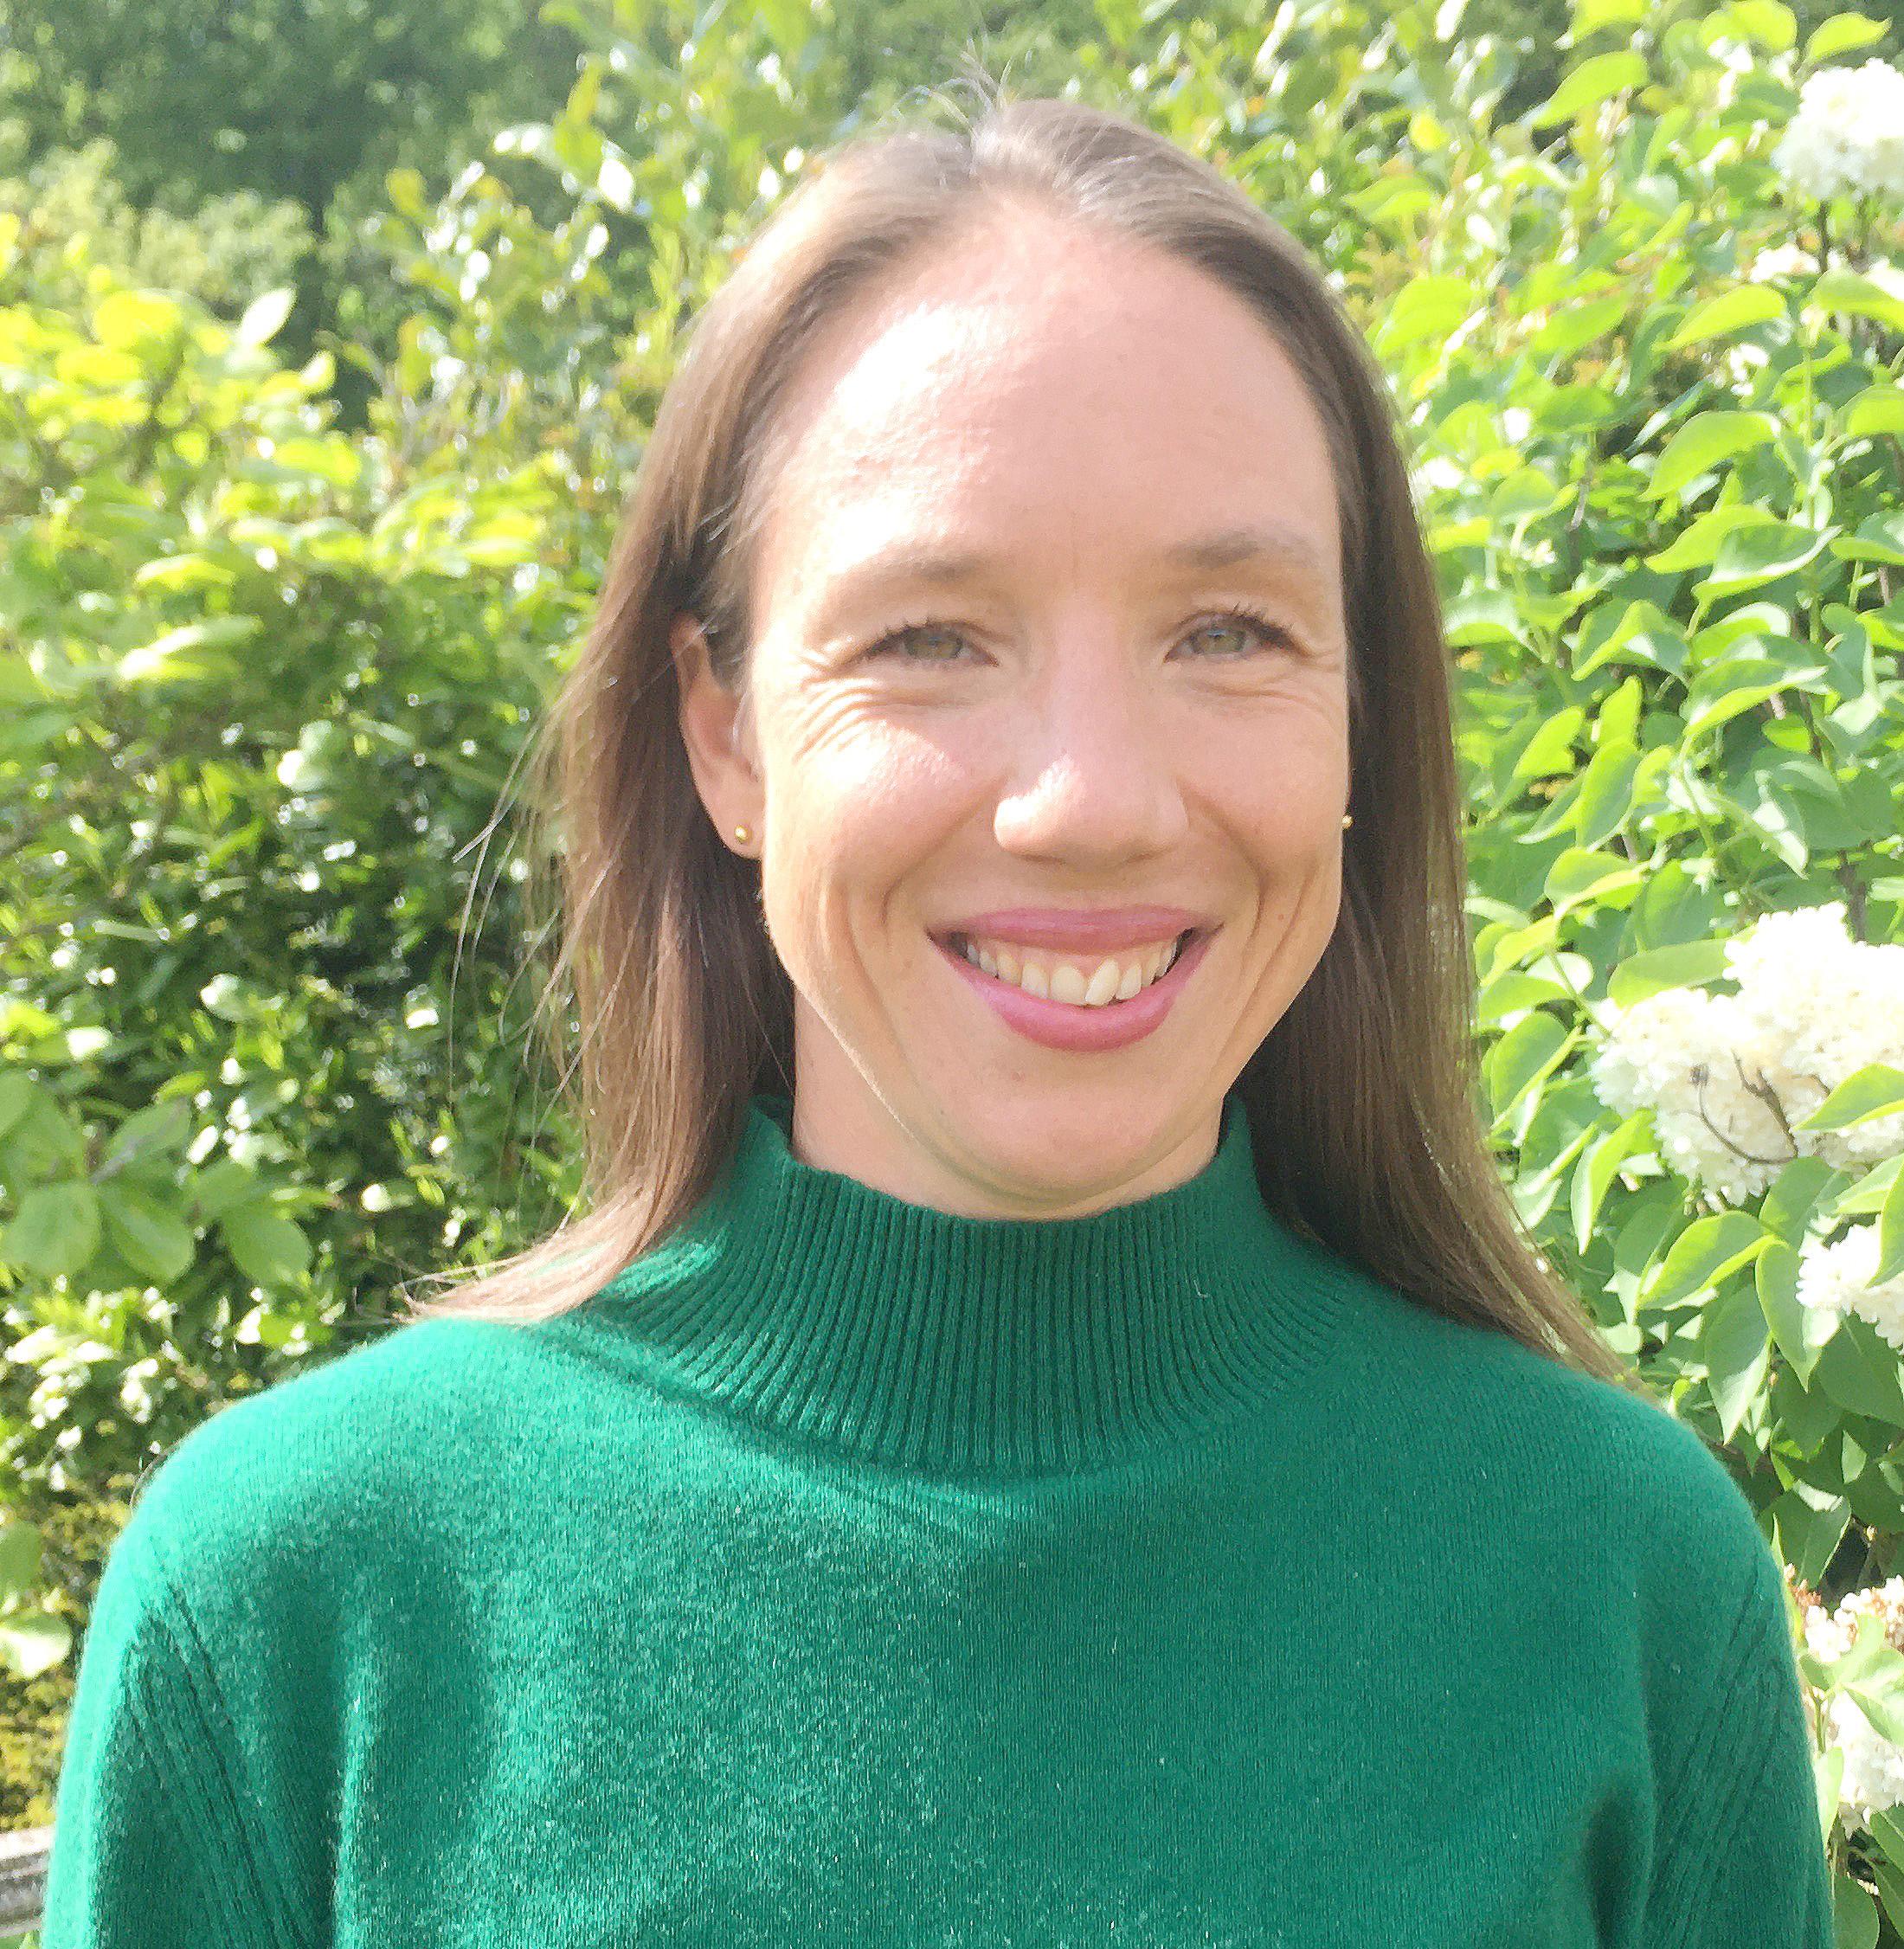 Alison Kimberly